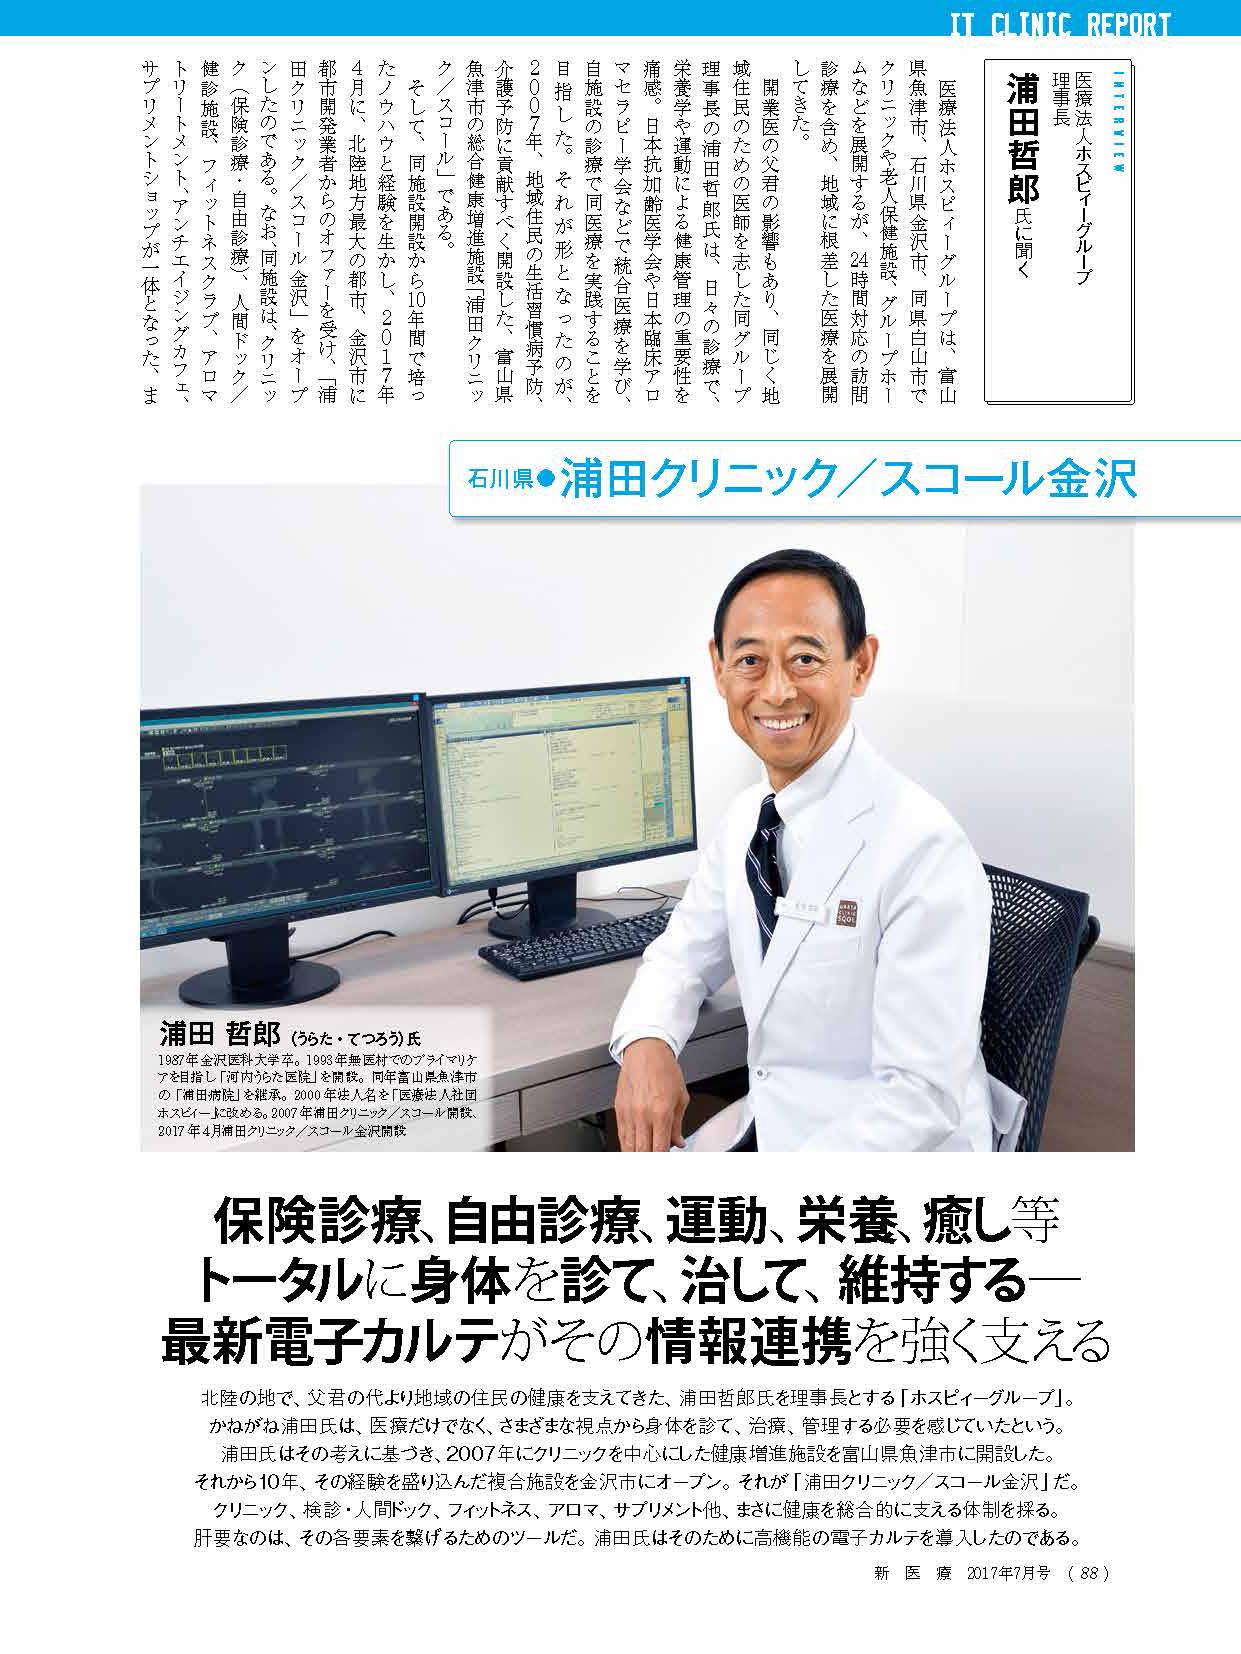 浦田クリニック/スコール金沢